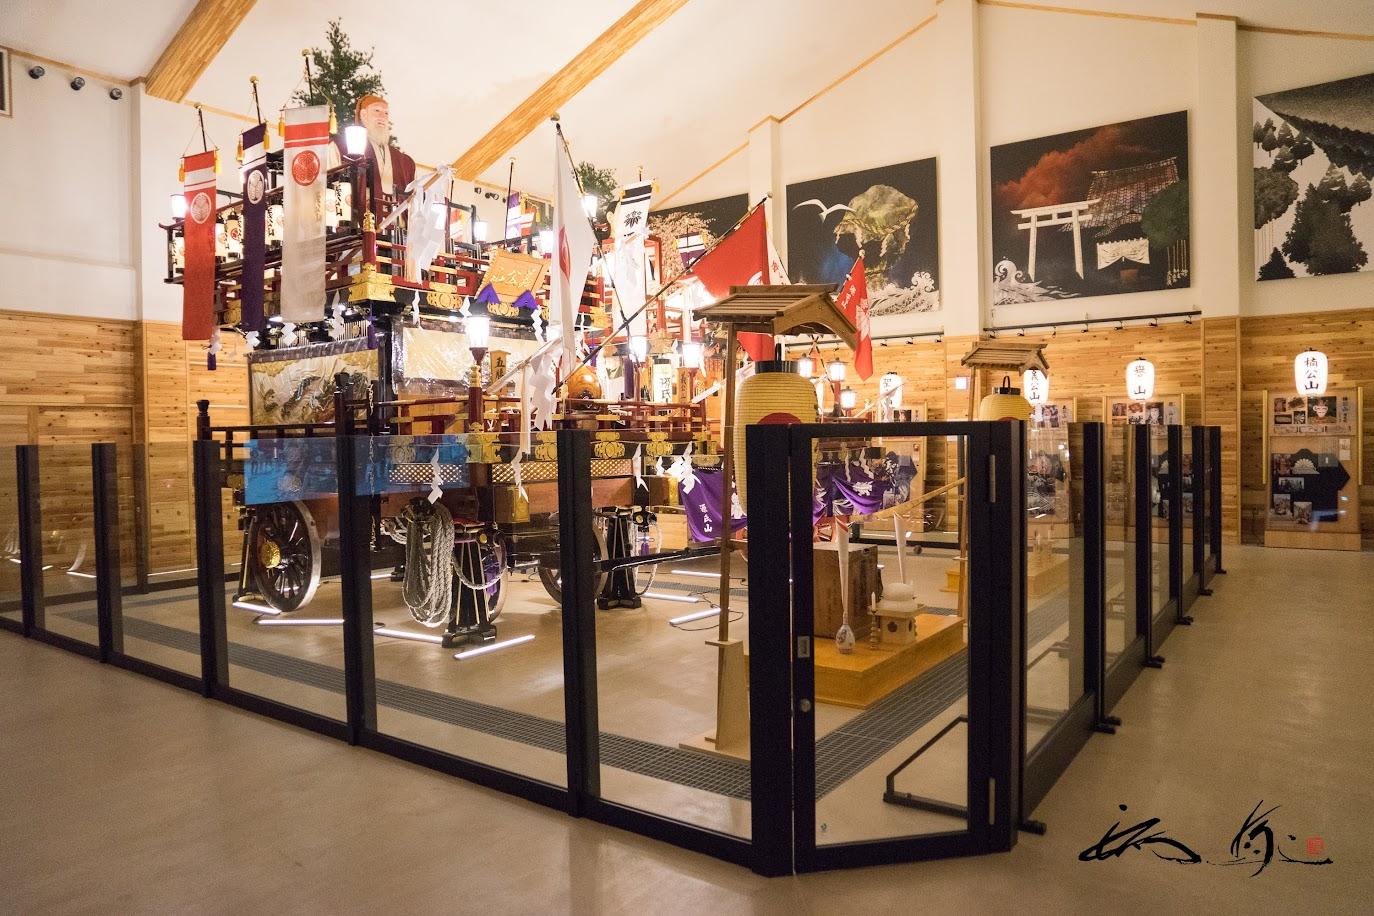 1年交代で常設展示されている13台の山車の内の2台